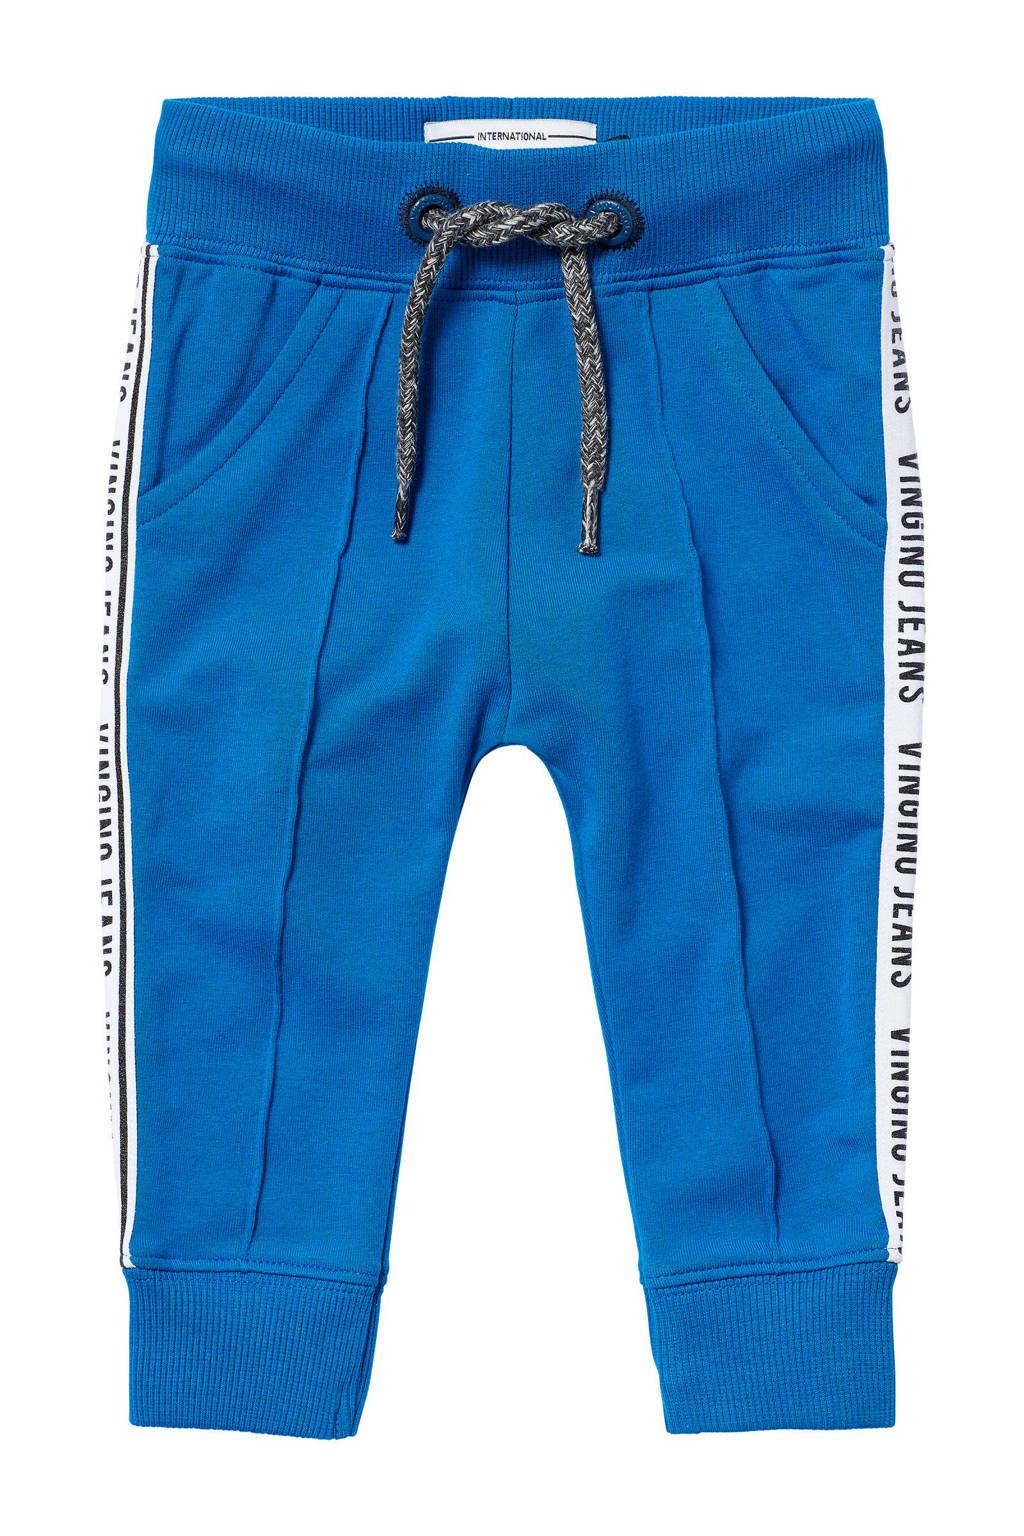 Vingino slim fit broek Savo met zijstreep blauw, Blauw